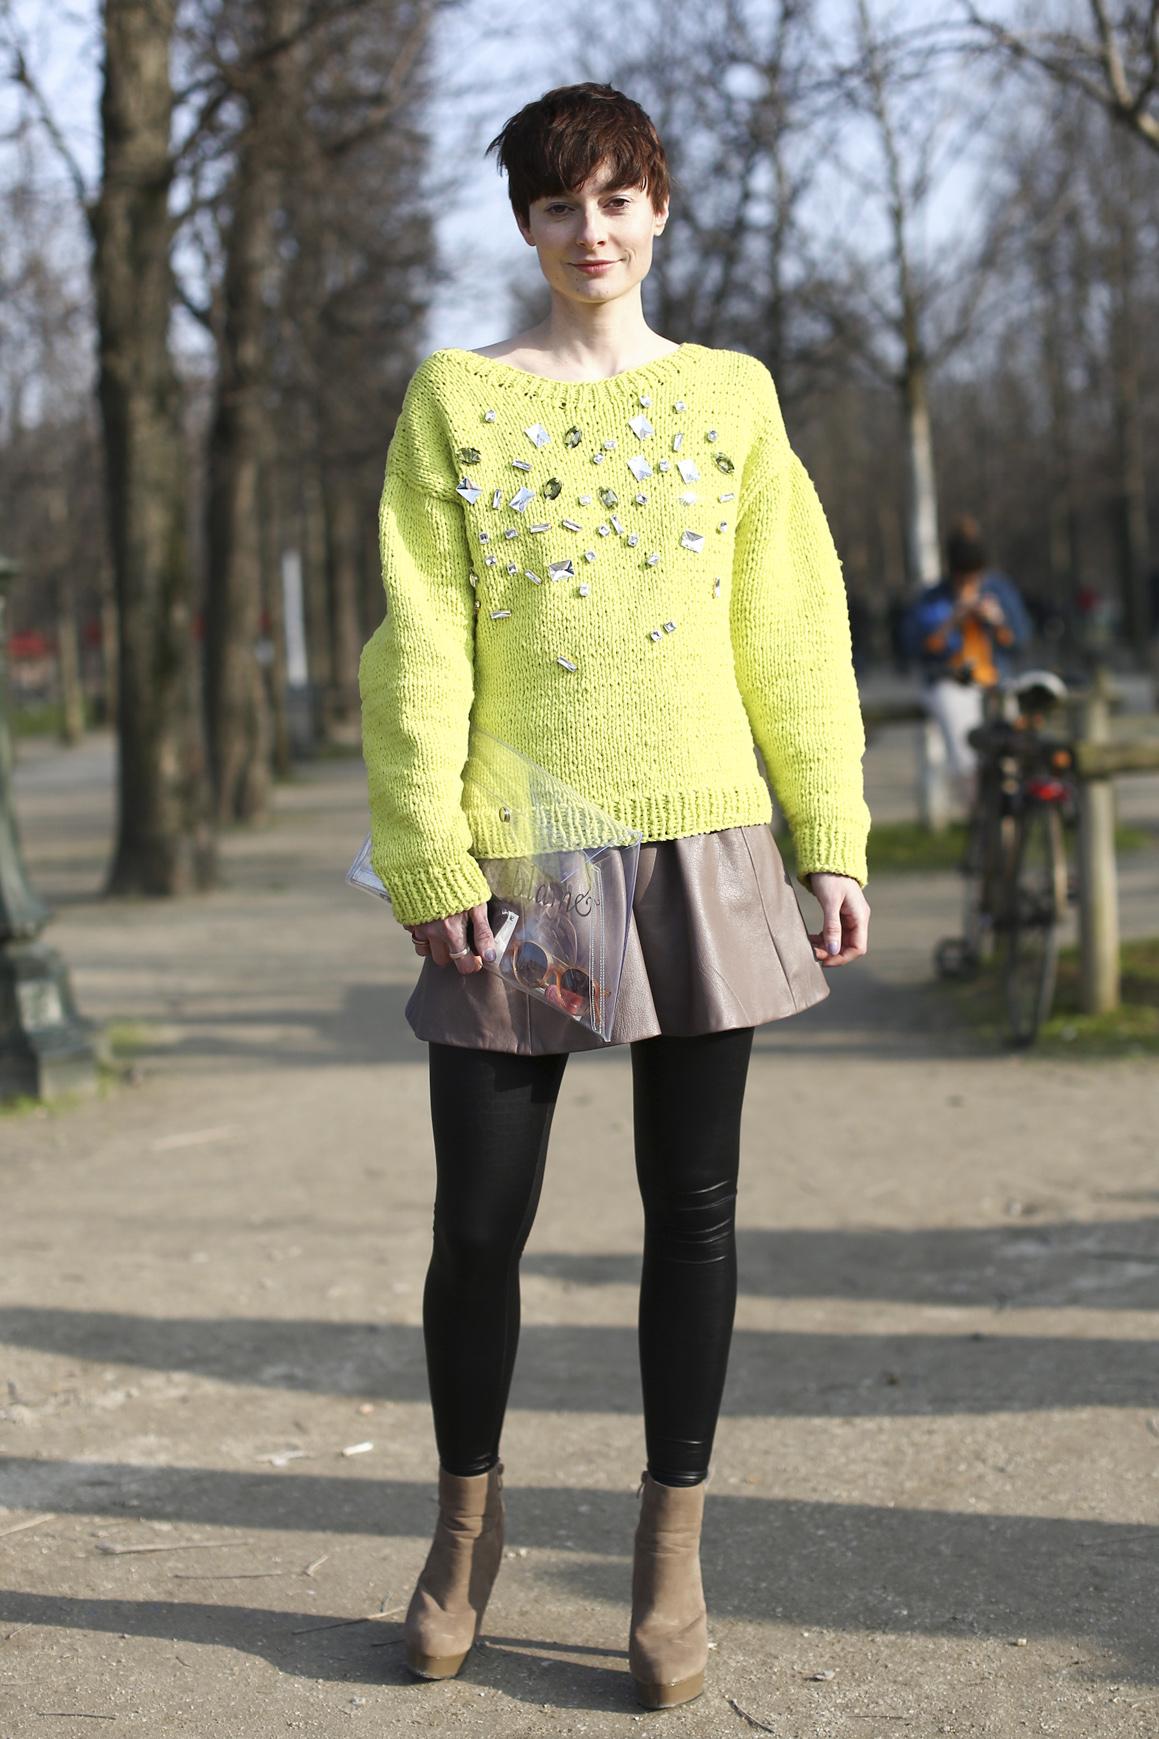 Limonkowy sweter ze zdobieniami